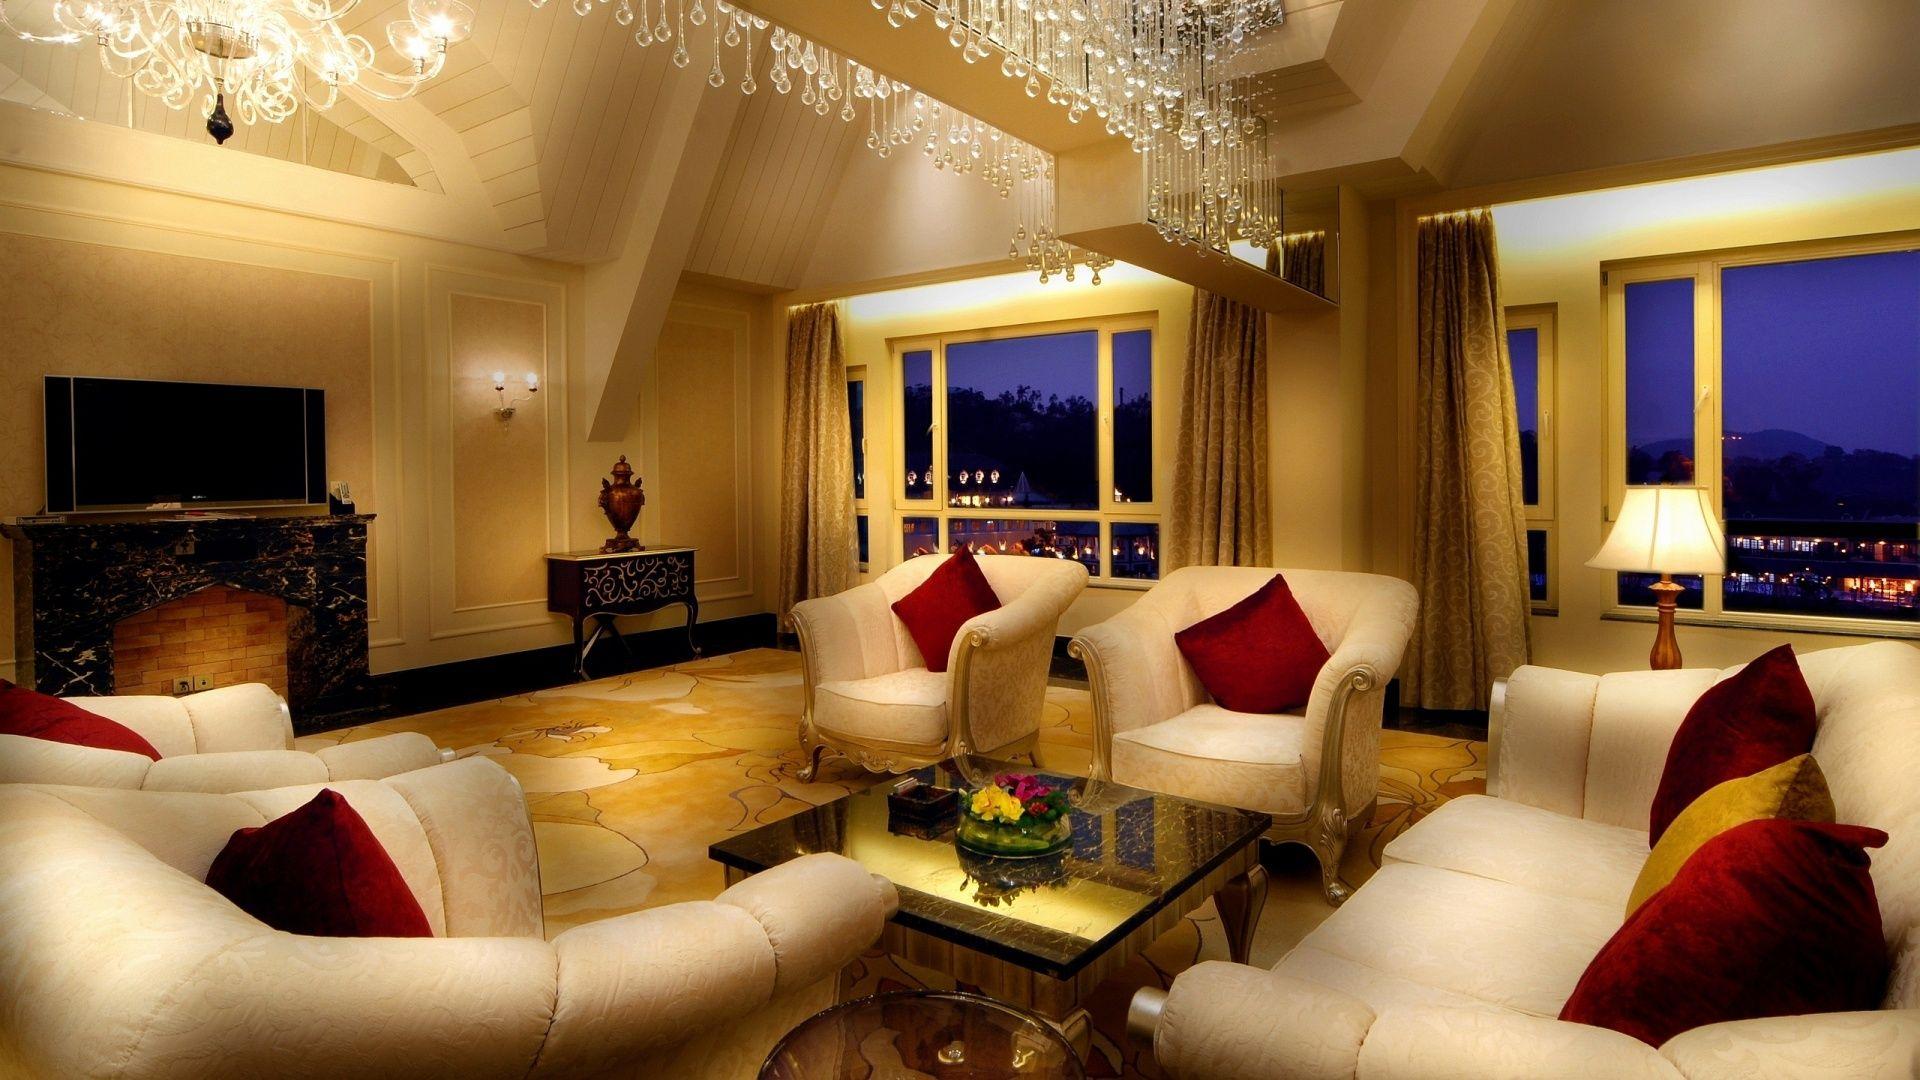 Interior design-ideen wohnzimmer mit tv luxus wohnzimmer moderne und grandiosen innenraum ideen  möbel